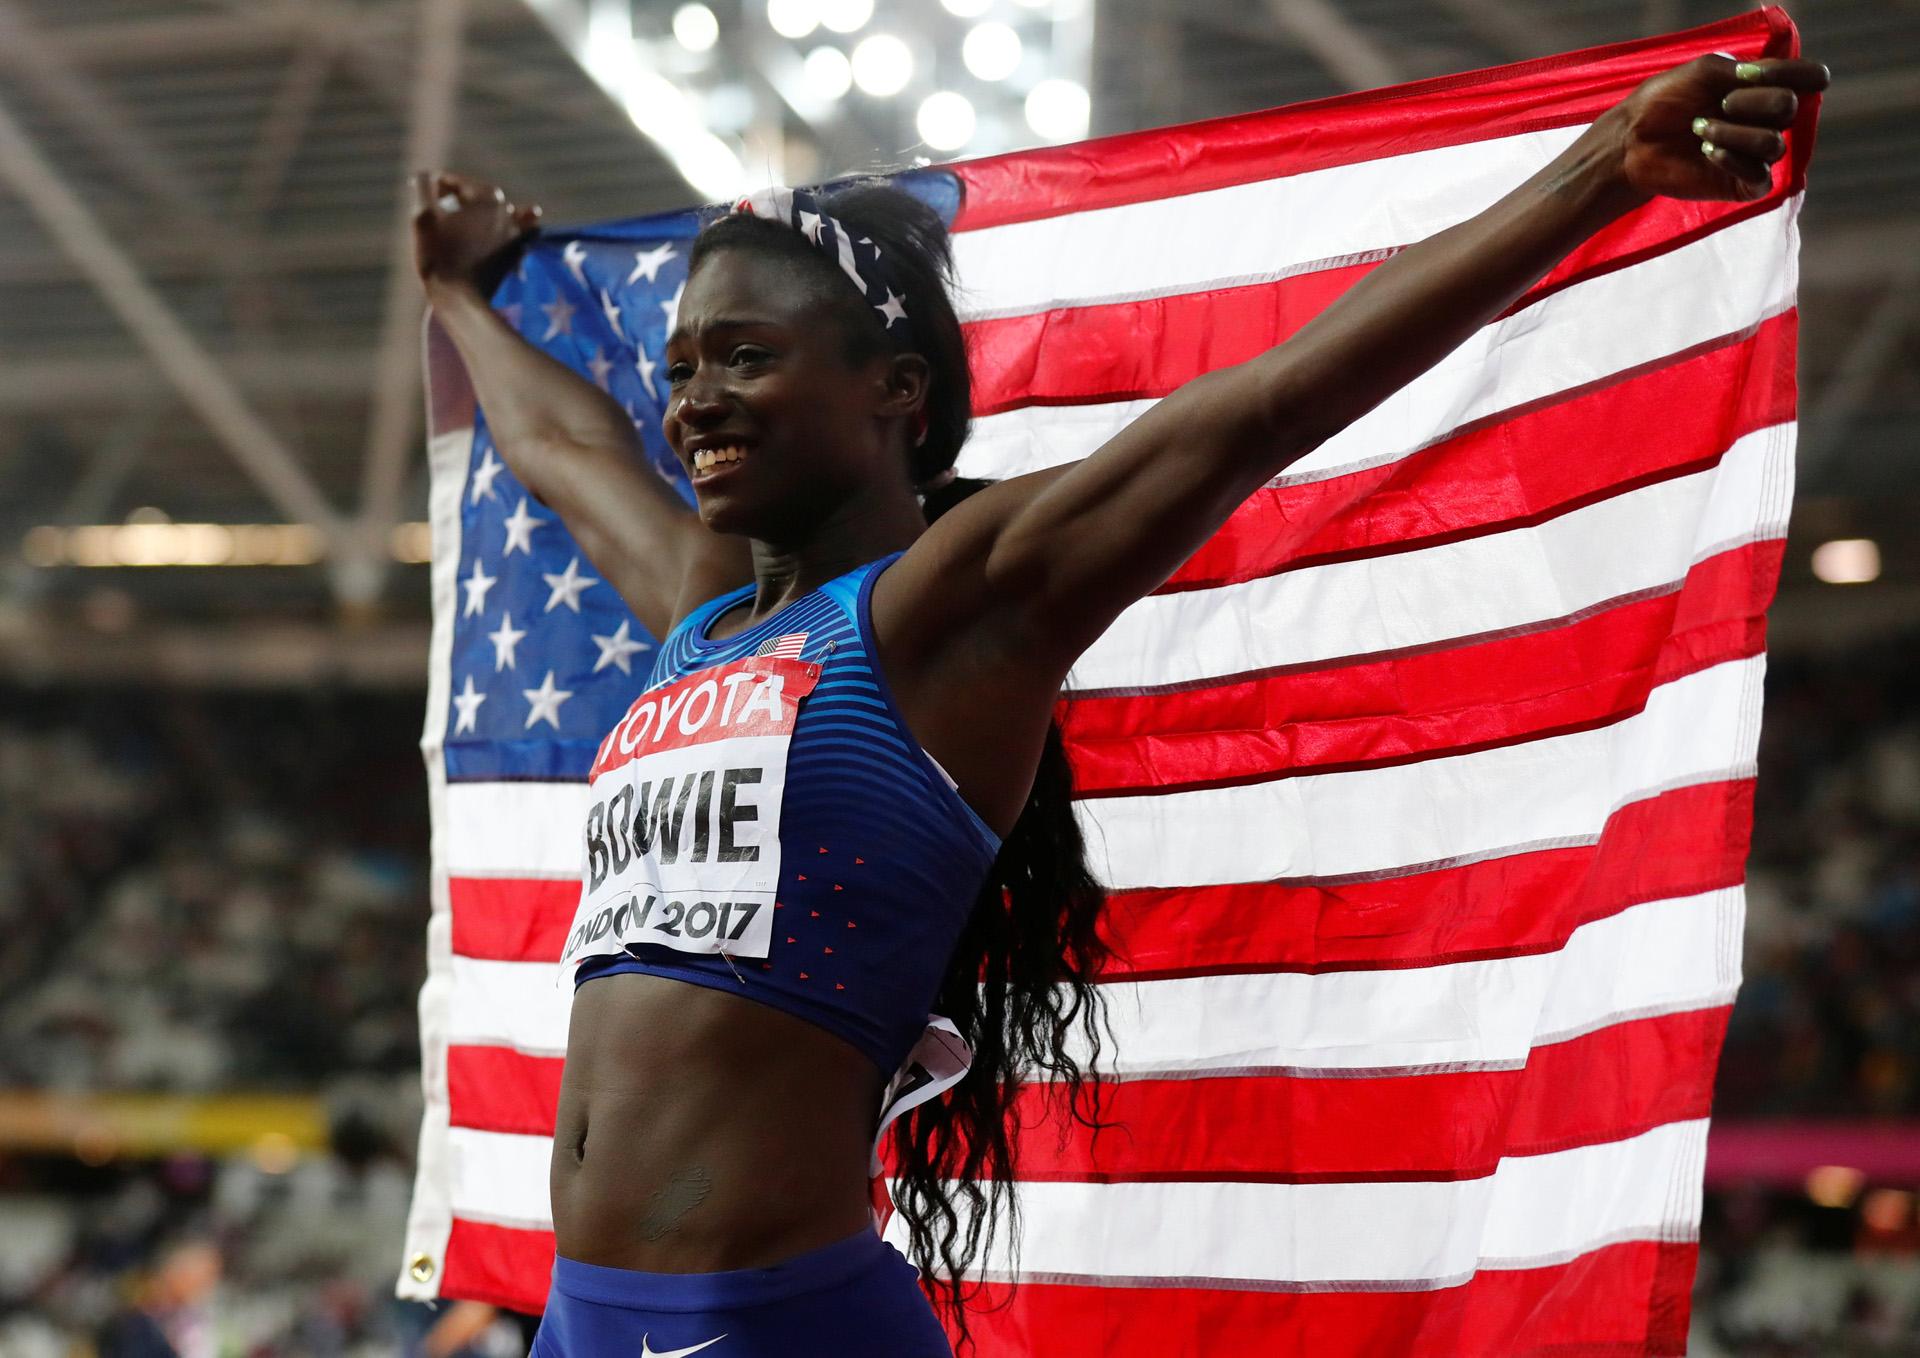 La estadounidense Tori Bowie celebra haber ganado los 100 metros